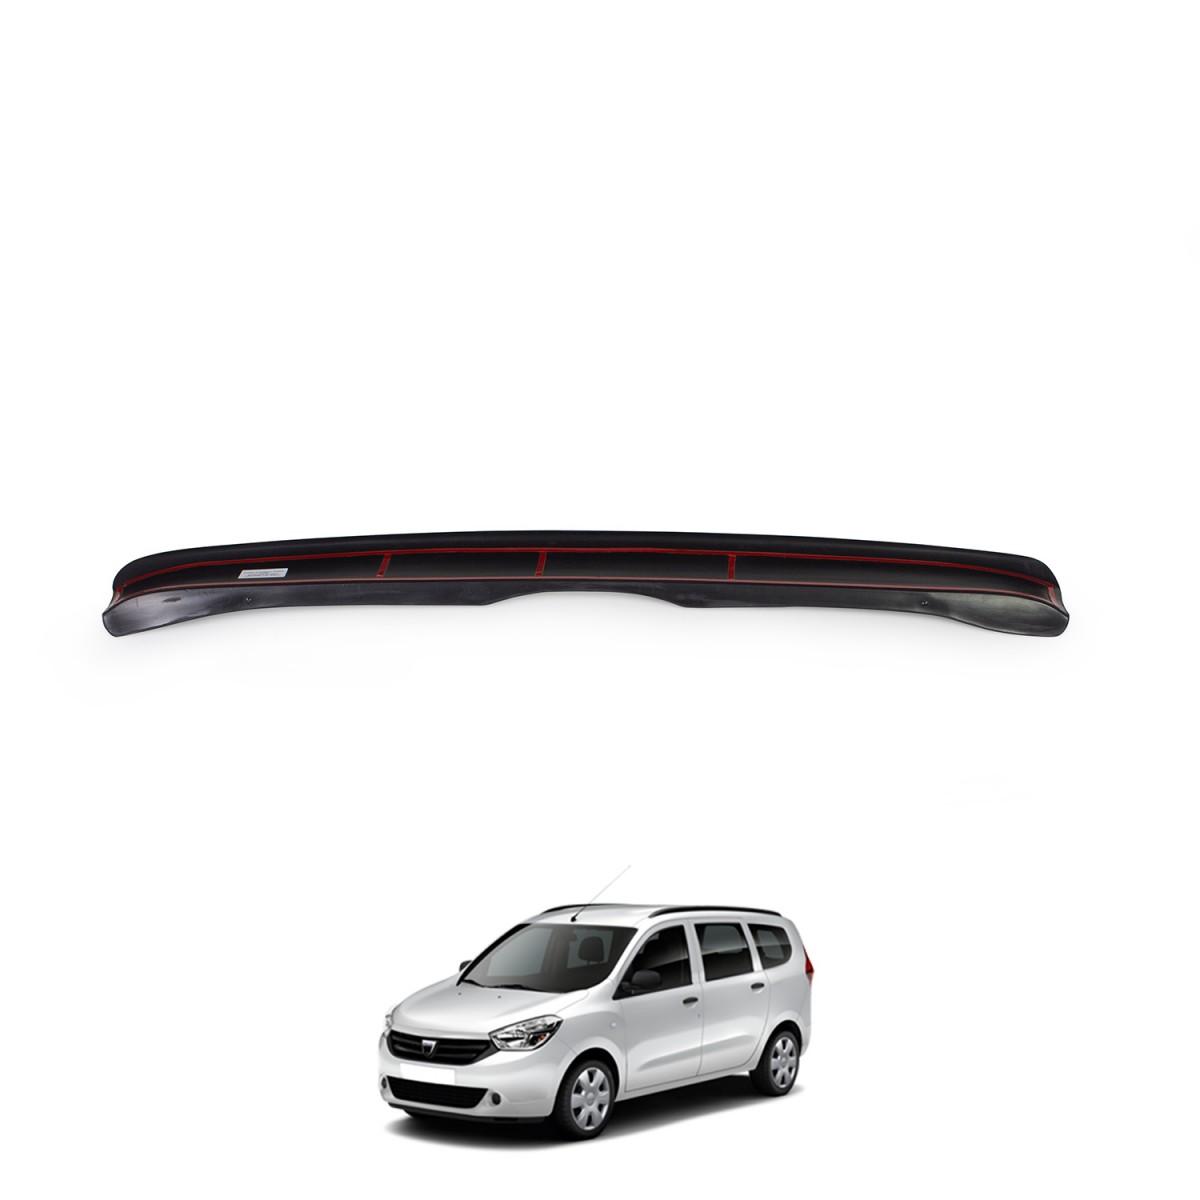 Dacia Lodgy Arka Tampon Eşiği Koruma 2013- Yılı ve Sonrası